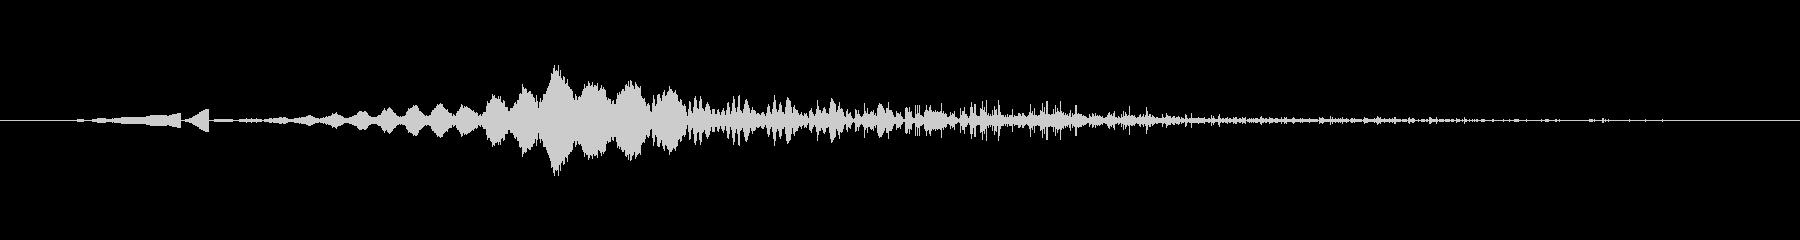 特撮 画面シャットダウングリッチ03の未再生の波形